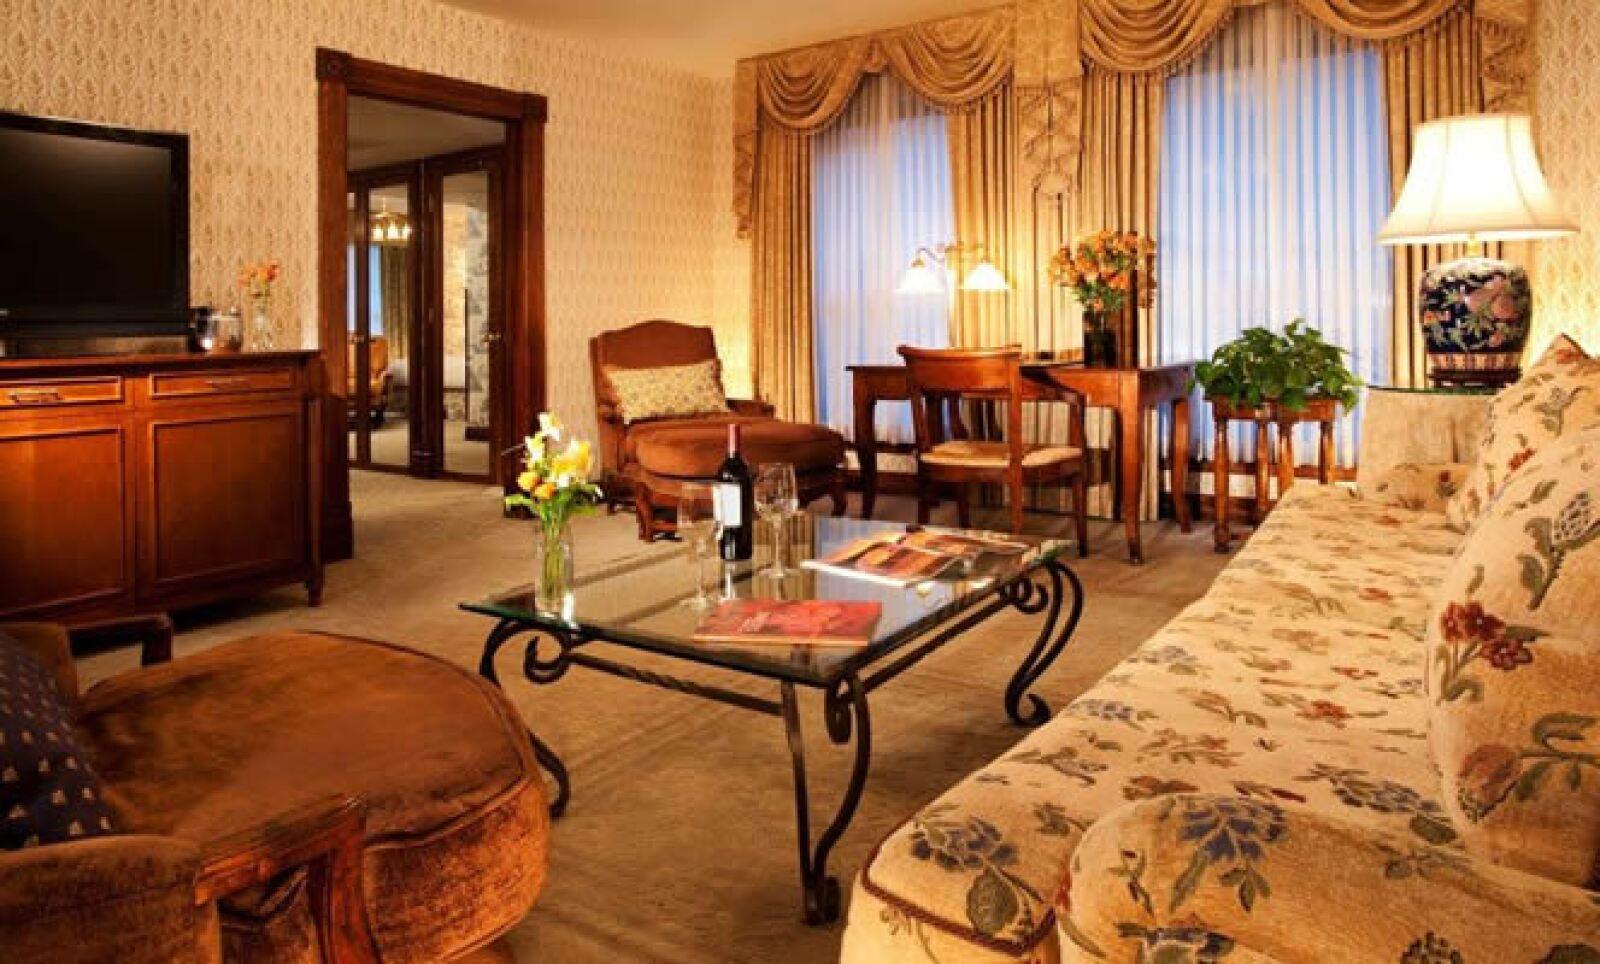 Cuenta con 94 habitaciones que ofrecen vistas impresionantes a la montaña, así como con suites, un gimnasio y spa.